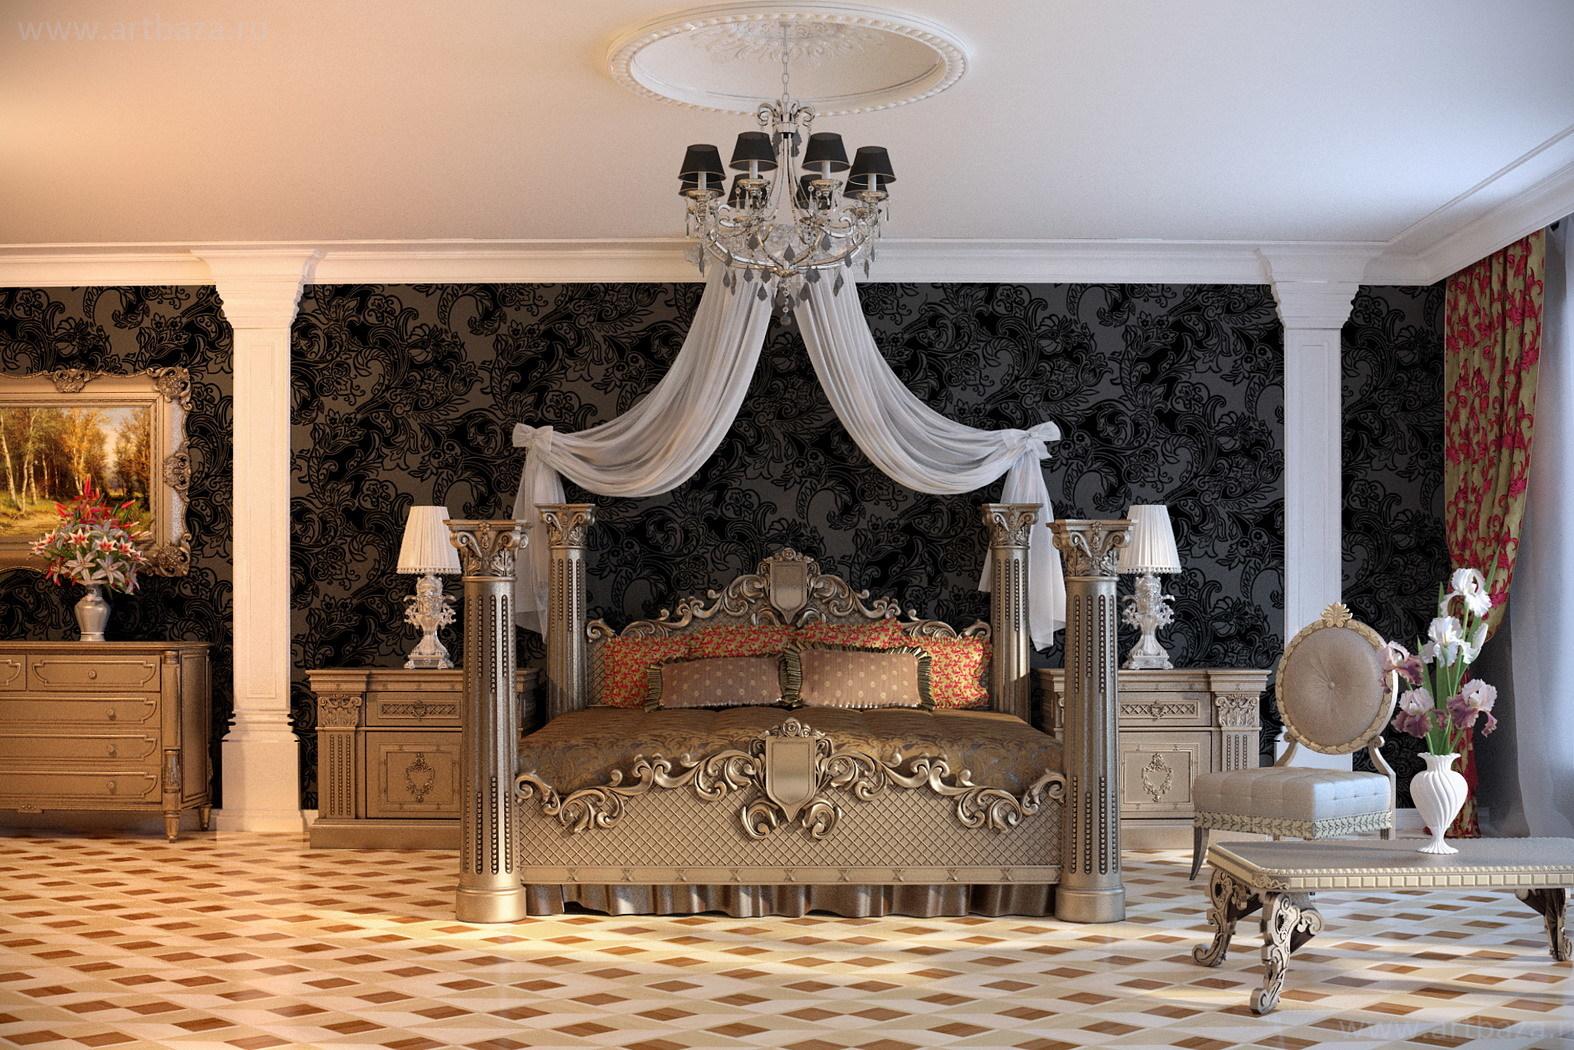 Обивка мебели хлопком, шелком, атласом благородных сдержанных расцветок с ненавязчивым рисунком - идеальный вариант для благородной и роскошной спальни.